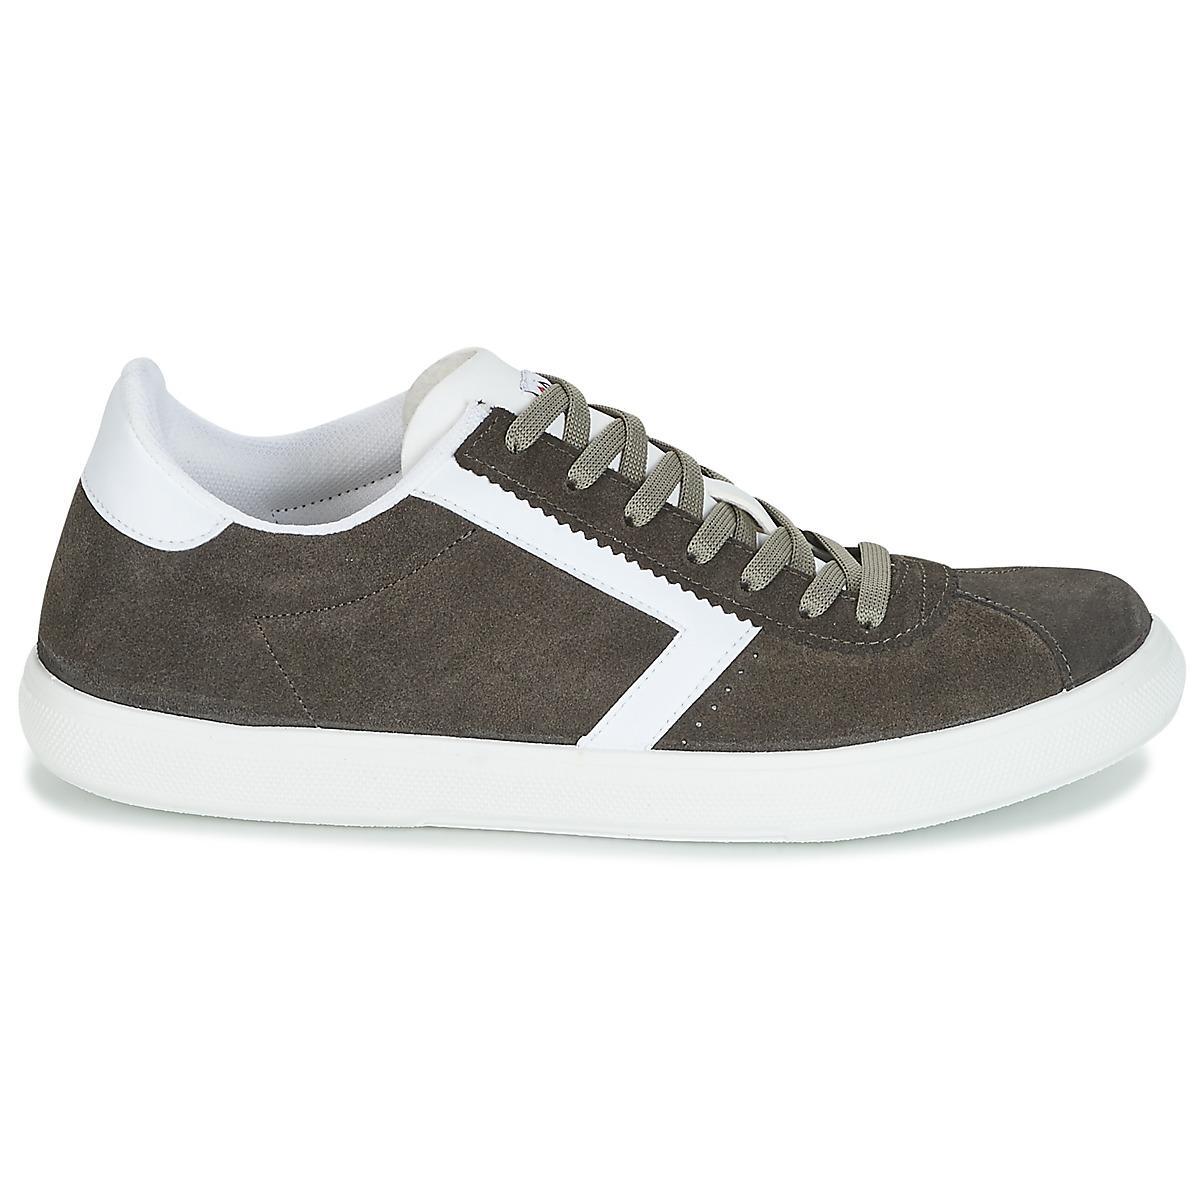 Yurban Lage Sneakers Retipus in het Groen voor heren